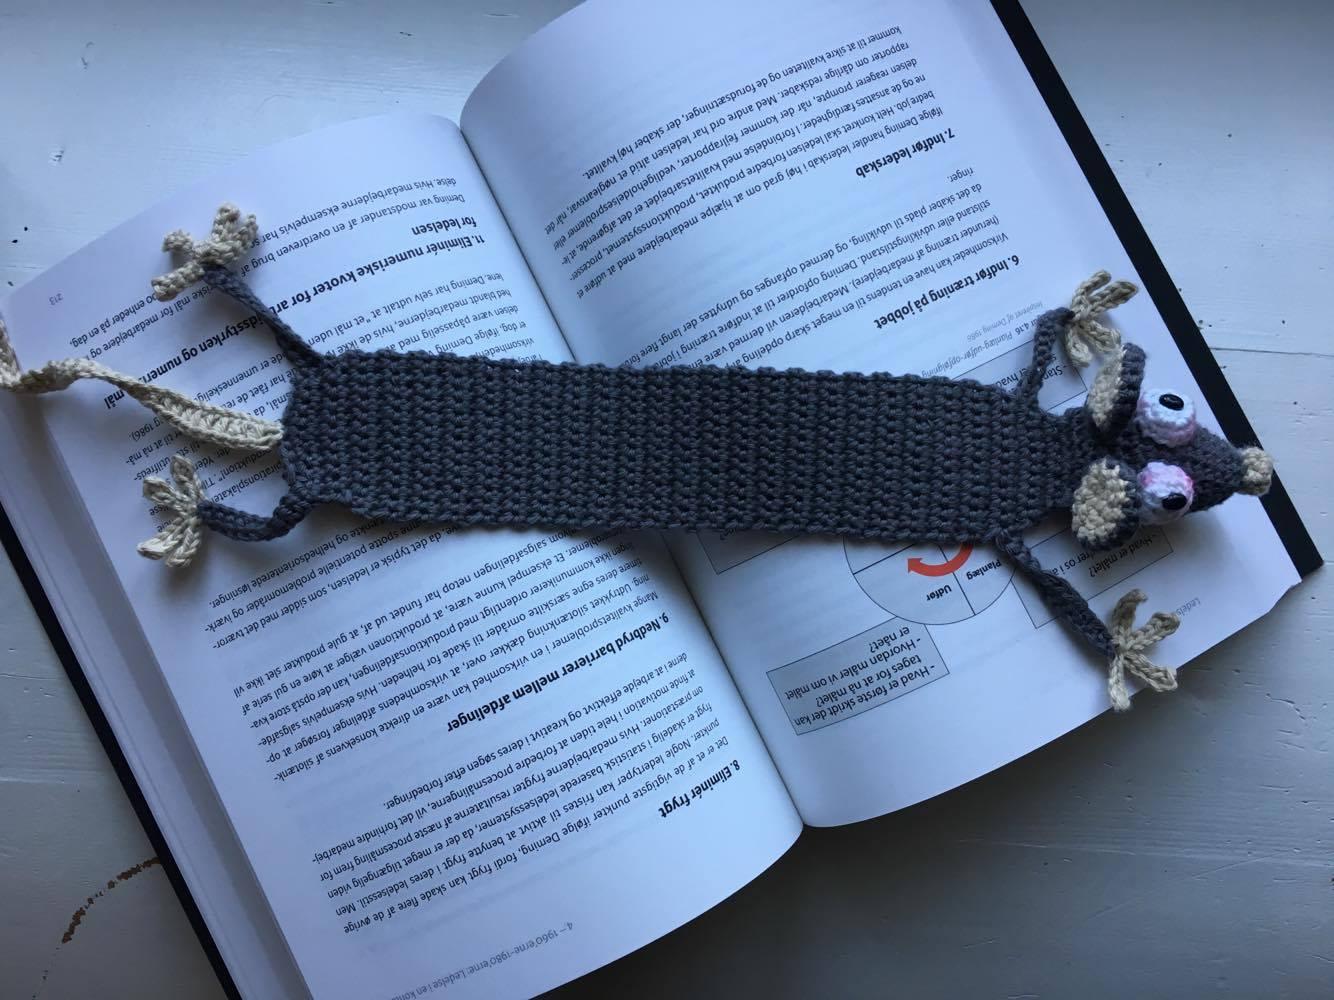 Hæklet Rotte som bogmærke